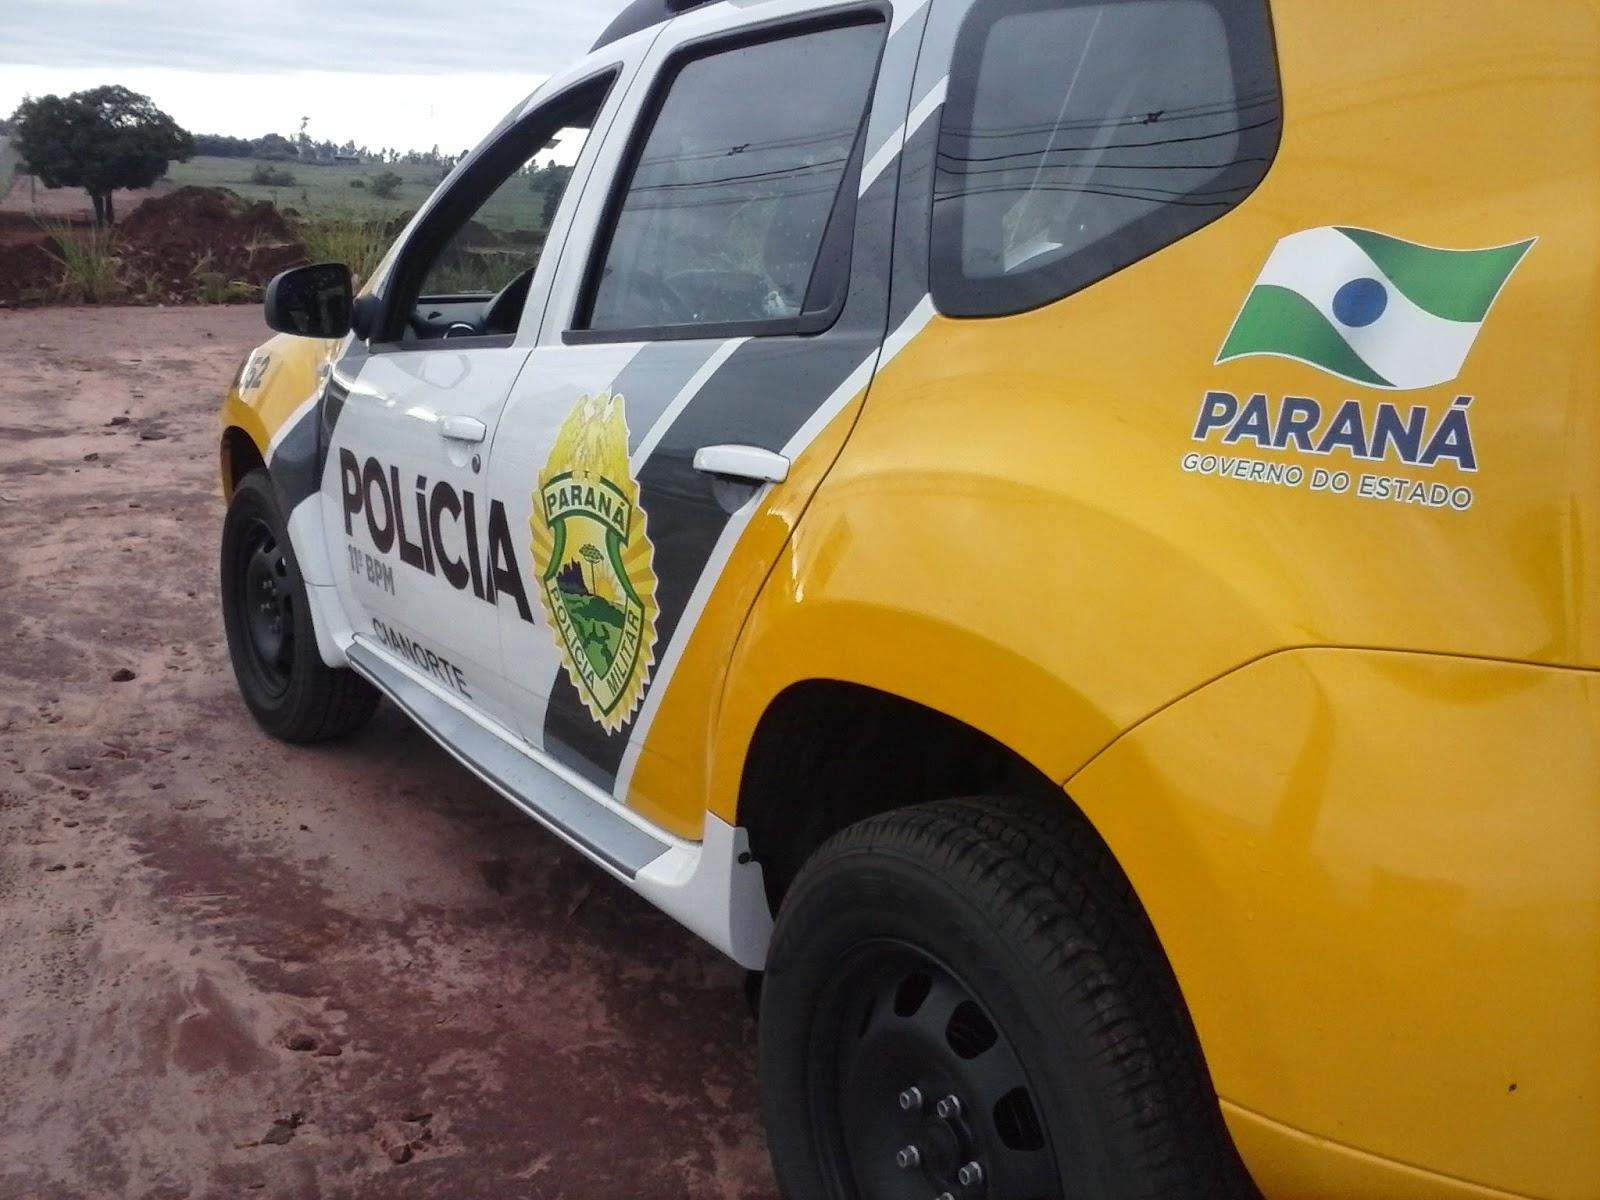 Polícia Militar prende mais um dos envolvidos na briga que resultou em homicídio em Jacarezinho